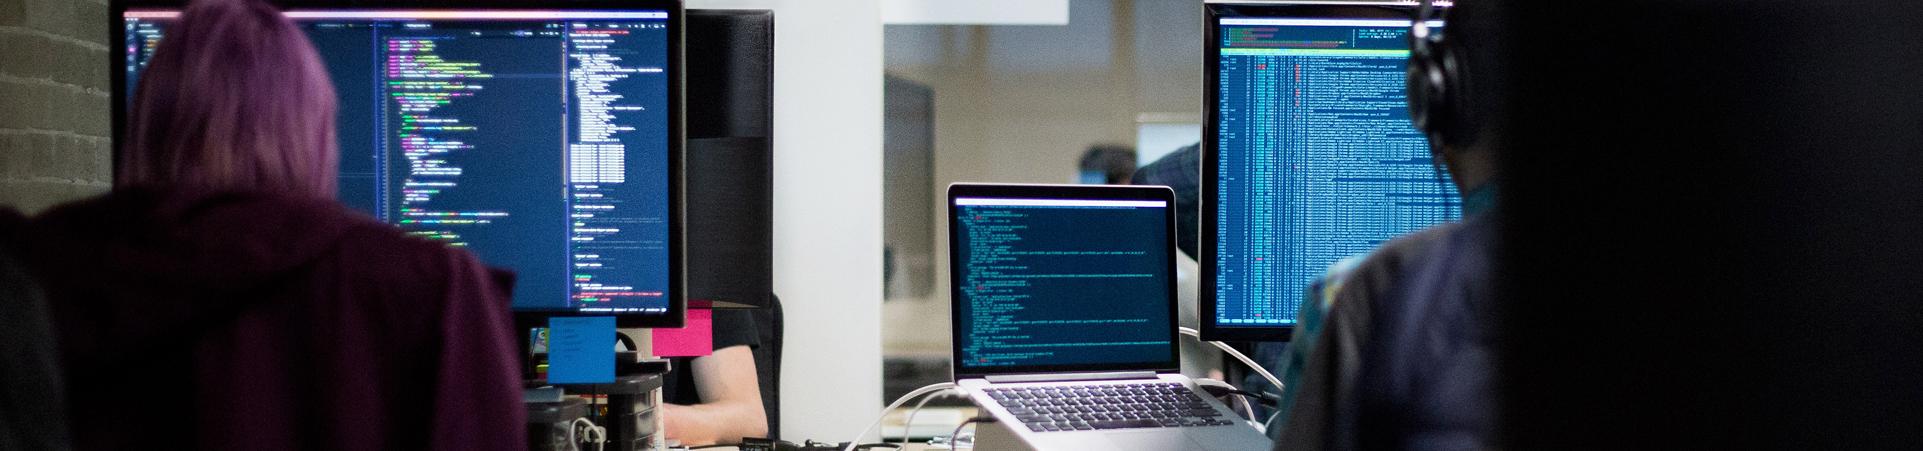 Imagen cabecera Aprende a programar con el curso Visual Basic .NET